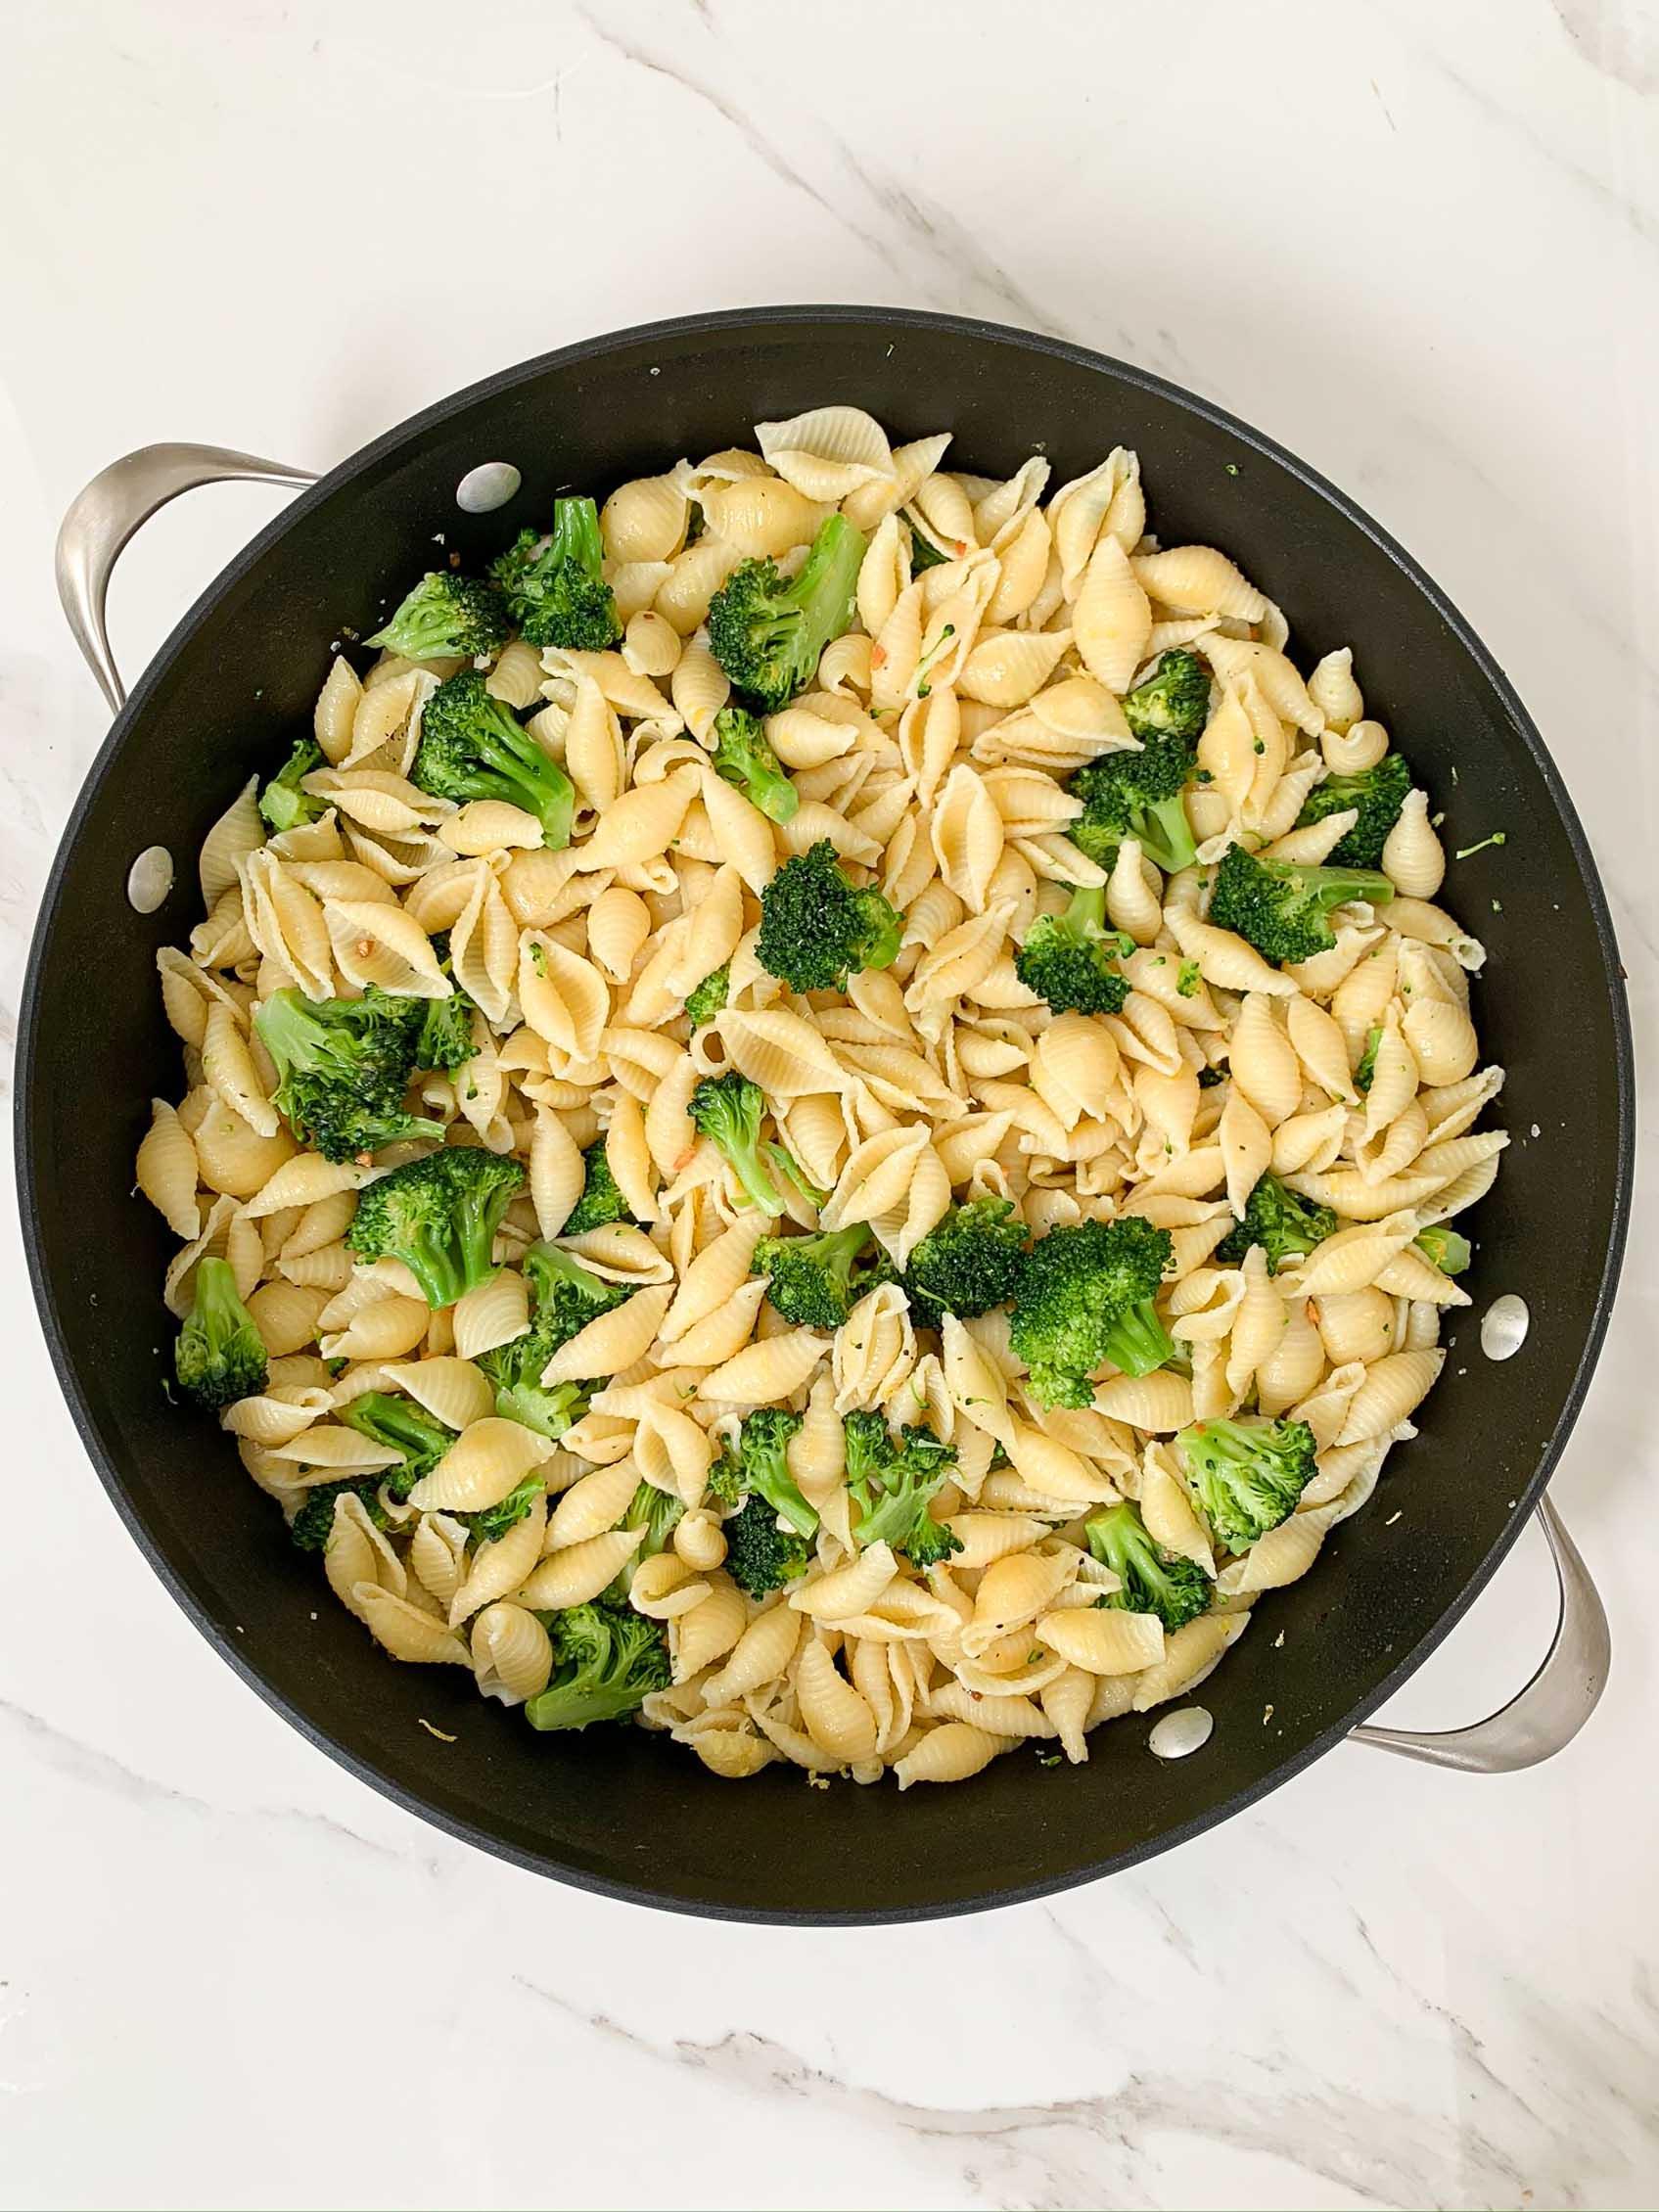 big pan with lemon broccoli pasta